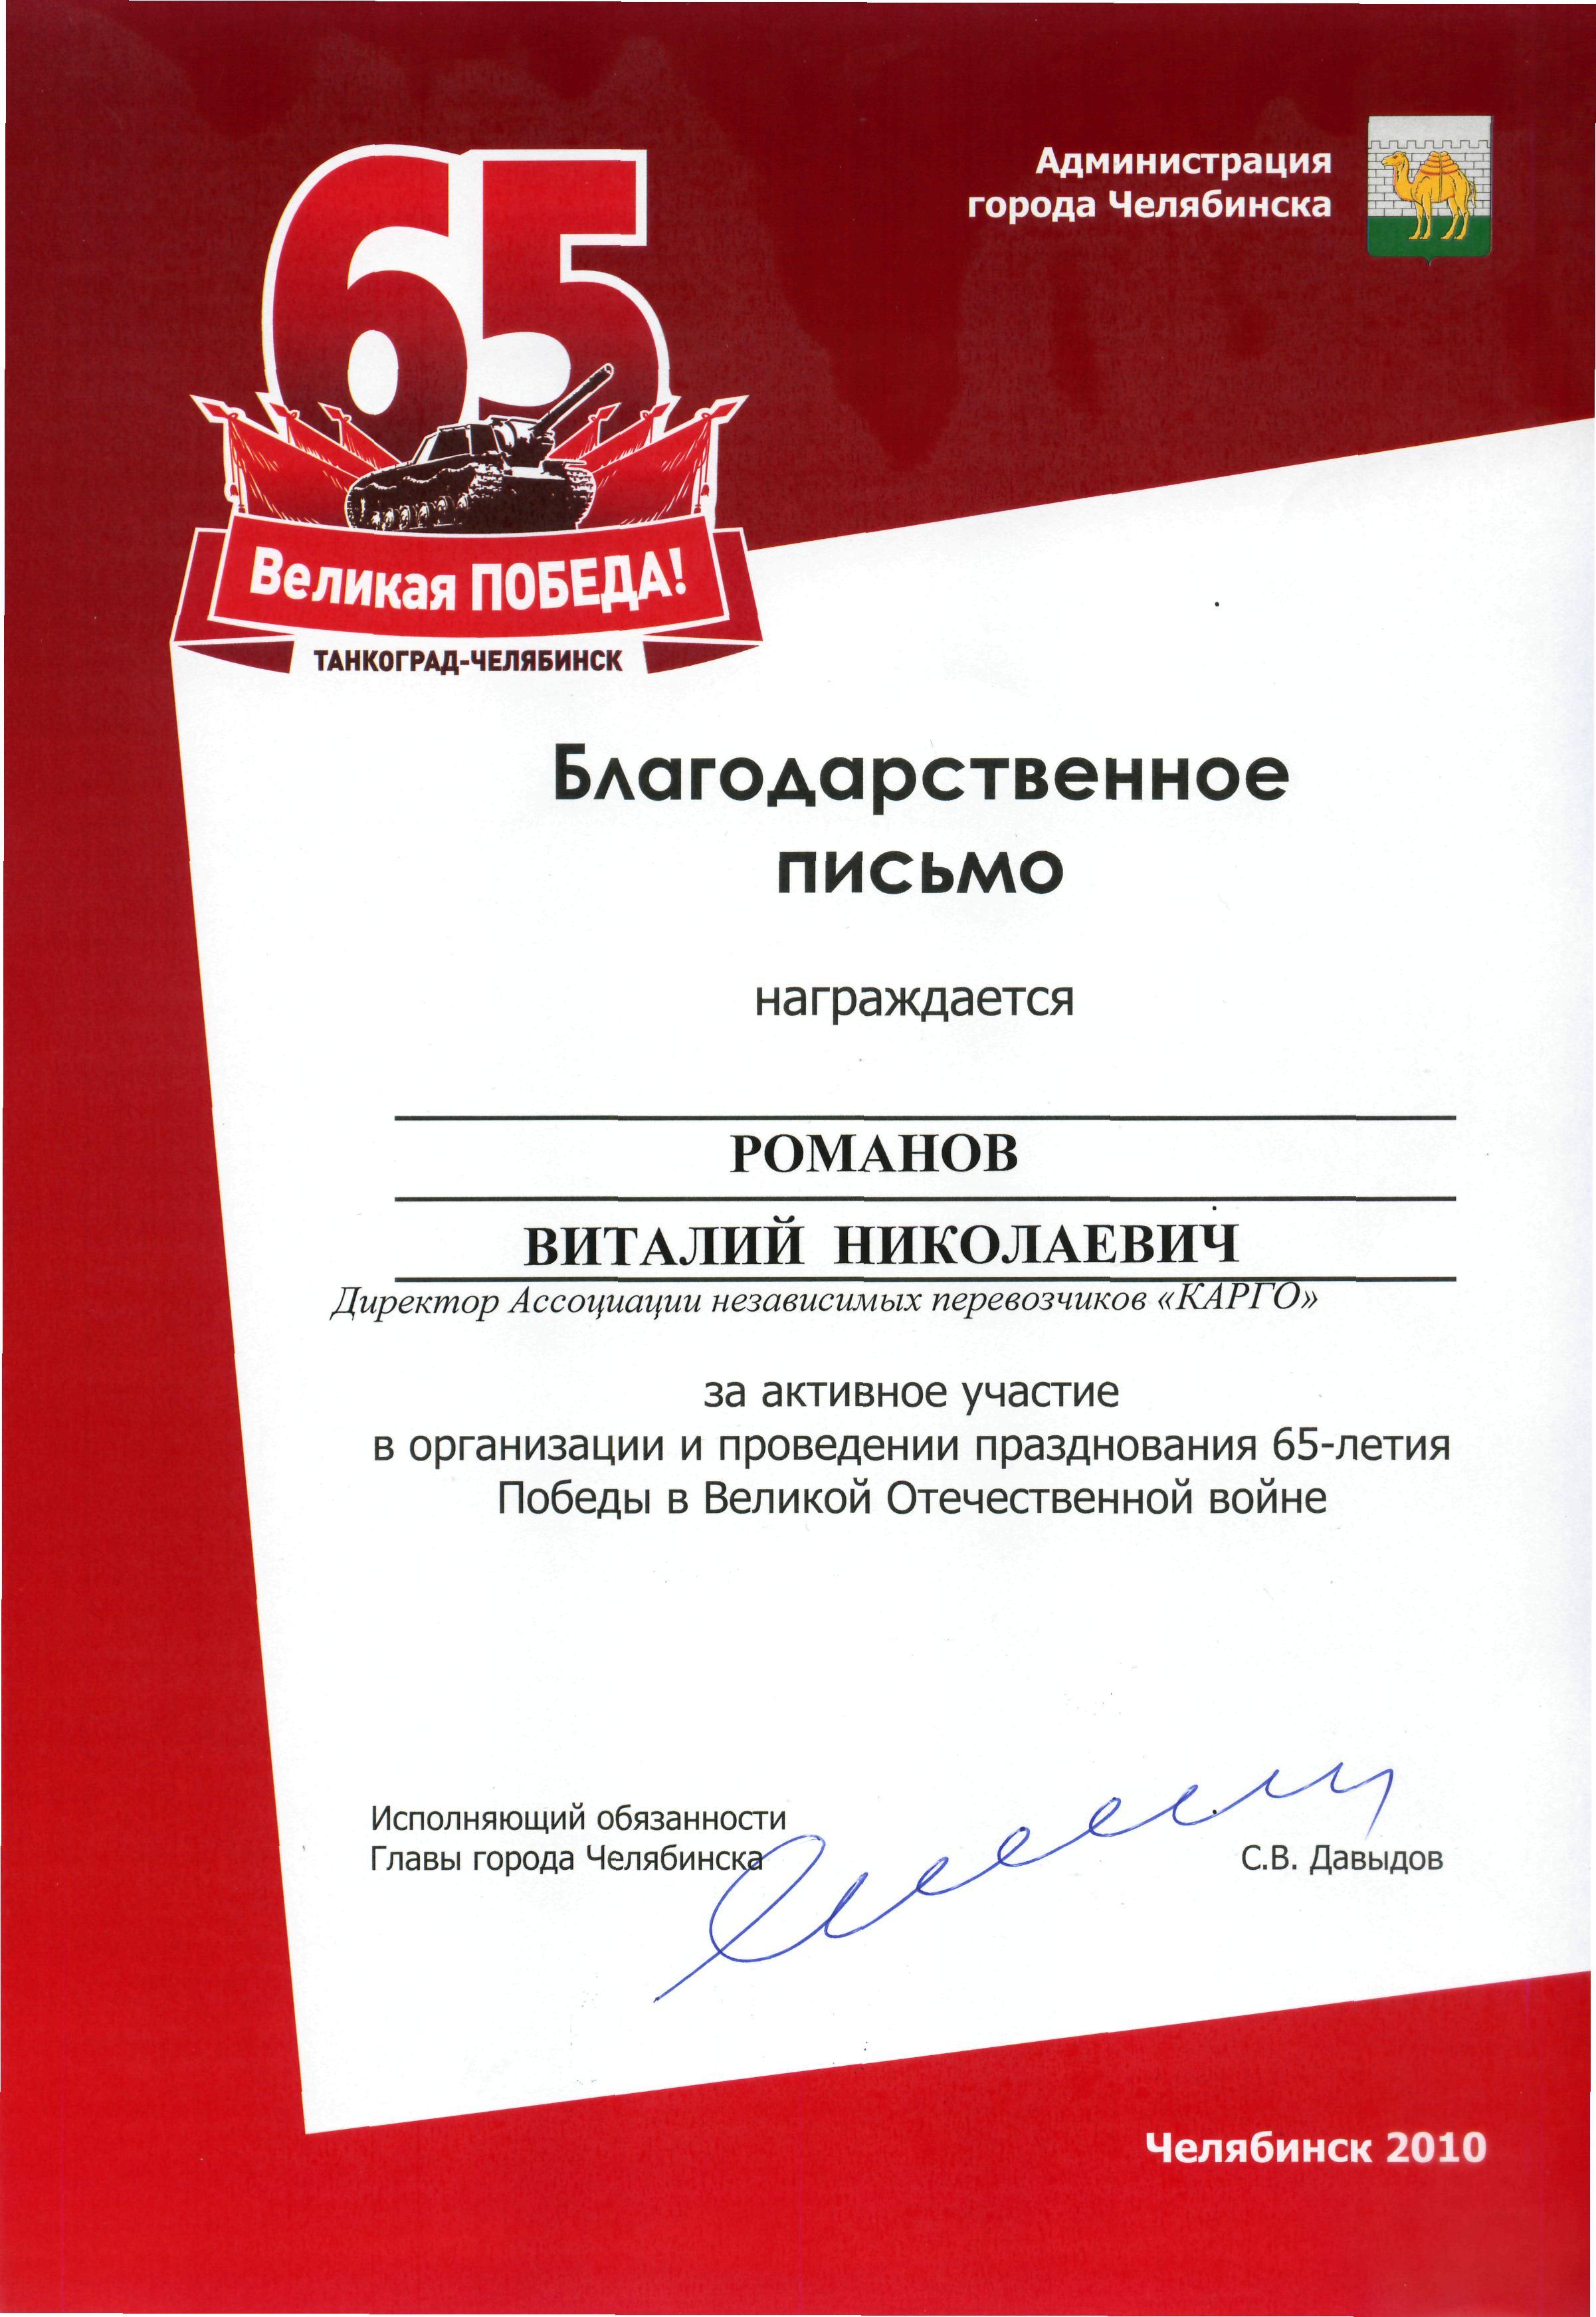 trans-kargo-moskva